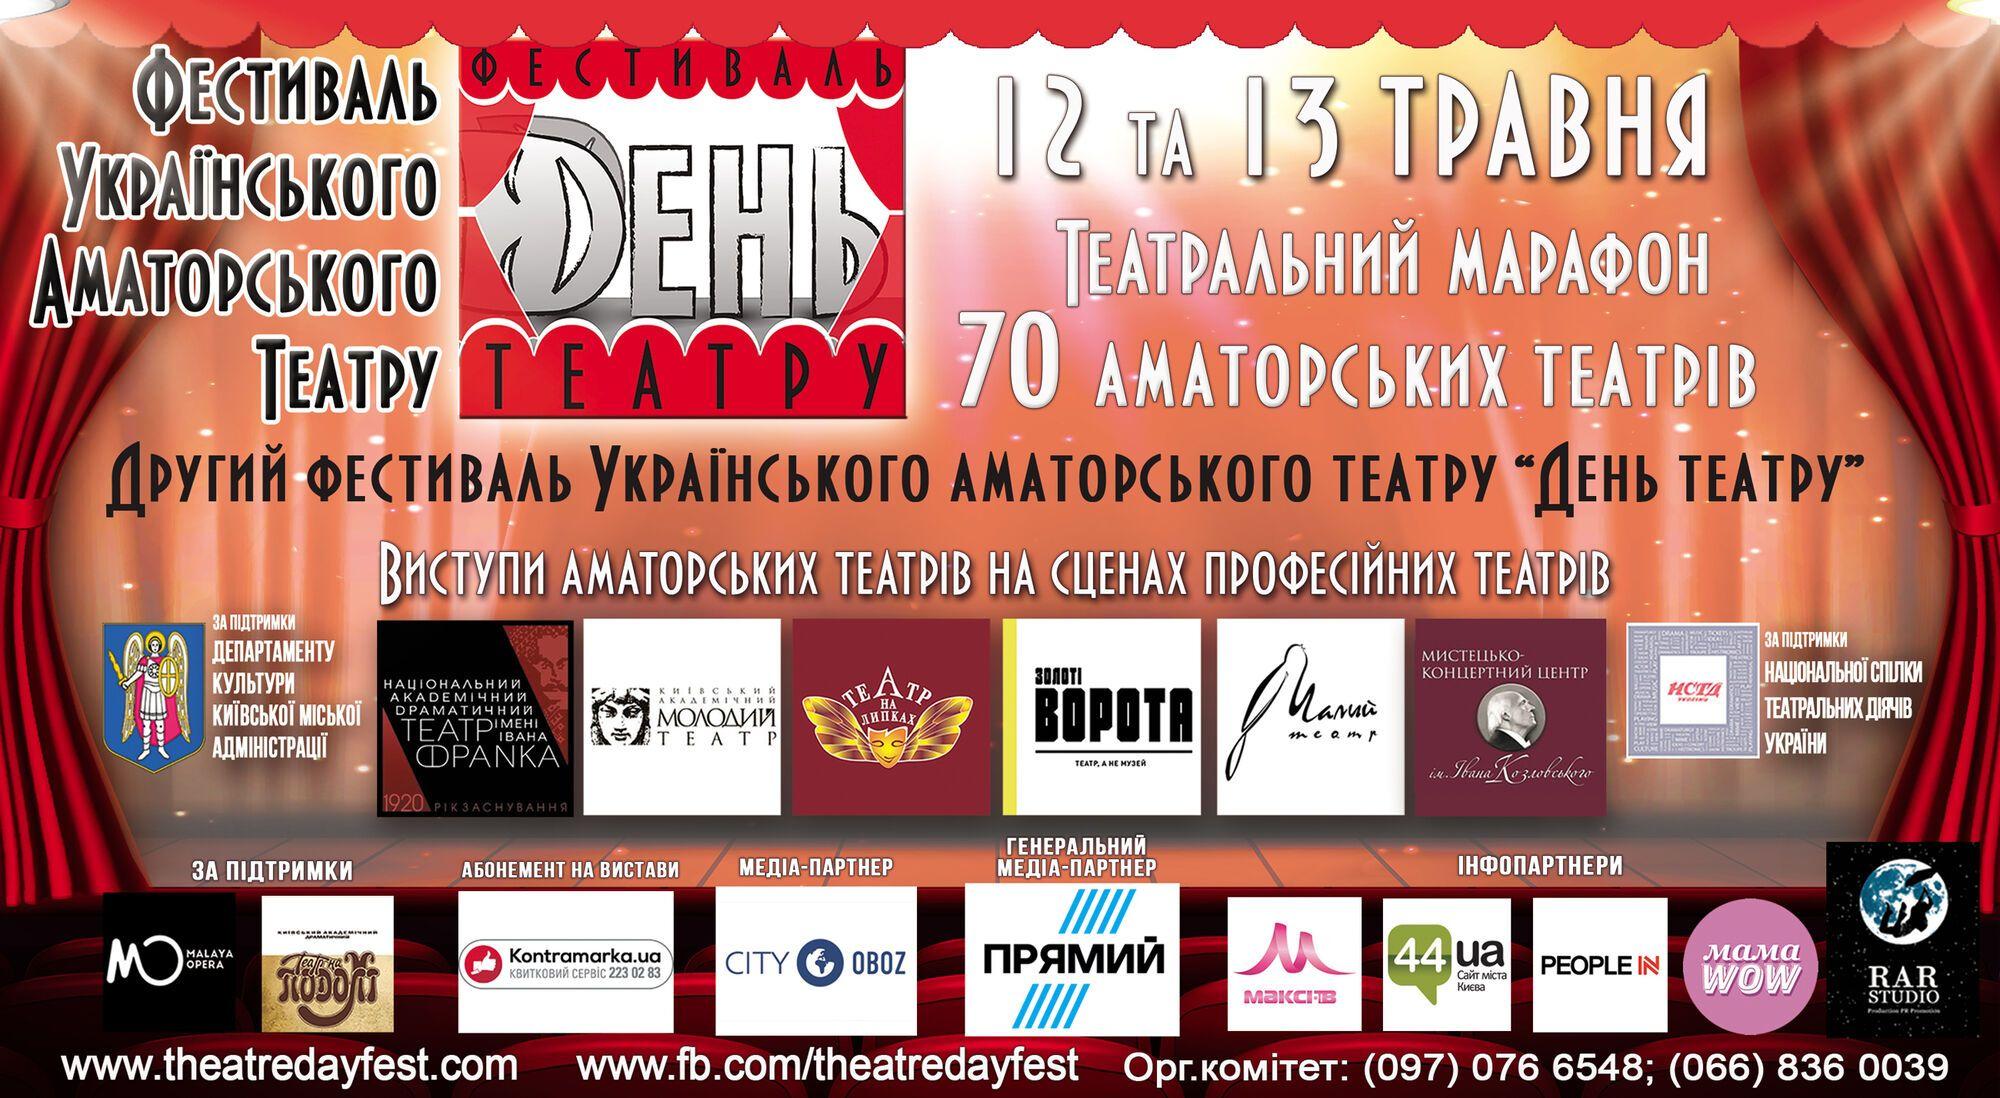 У Києві стартує грандіозний фестиваль театру